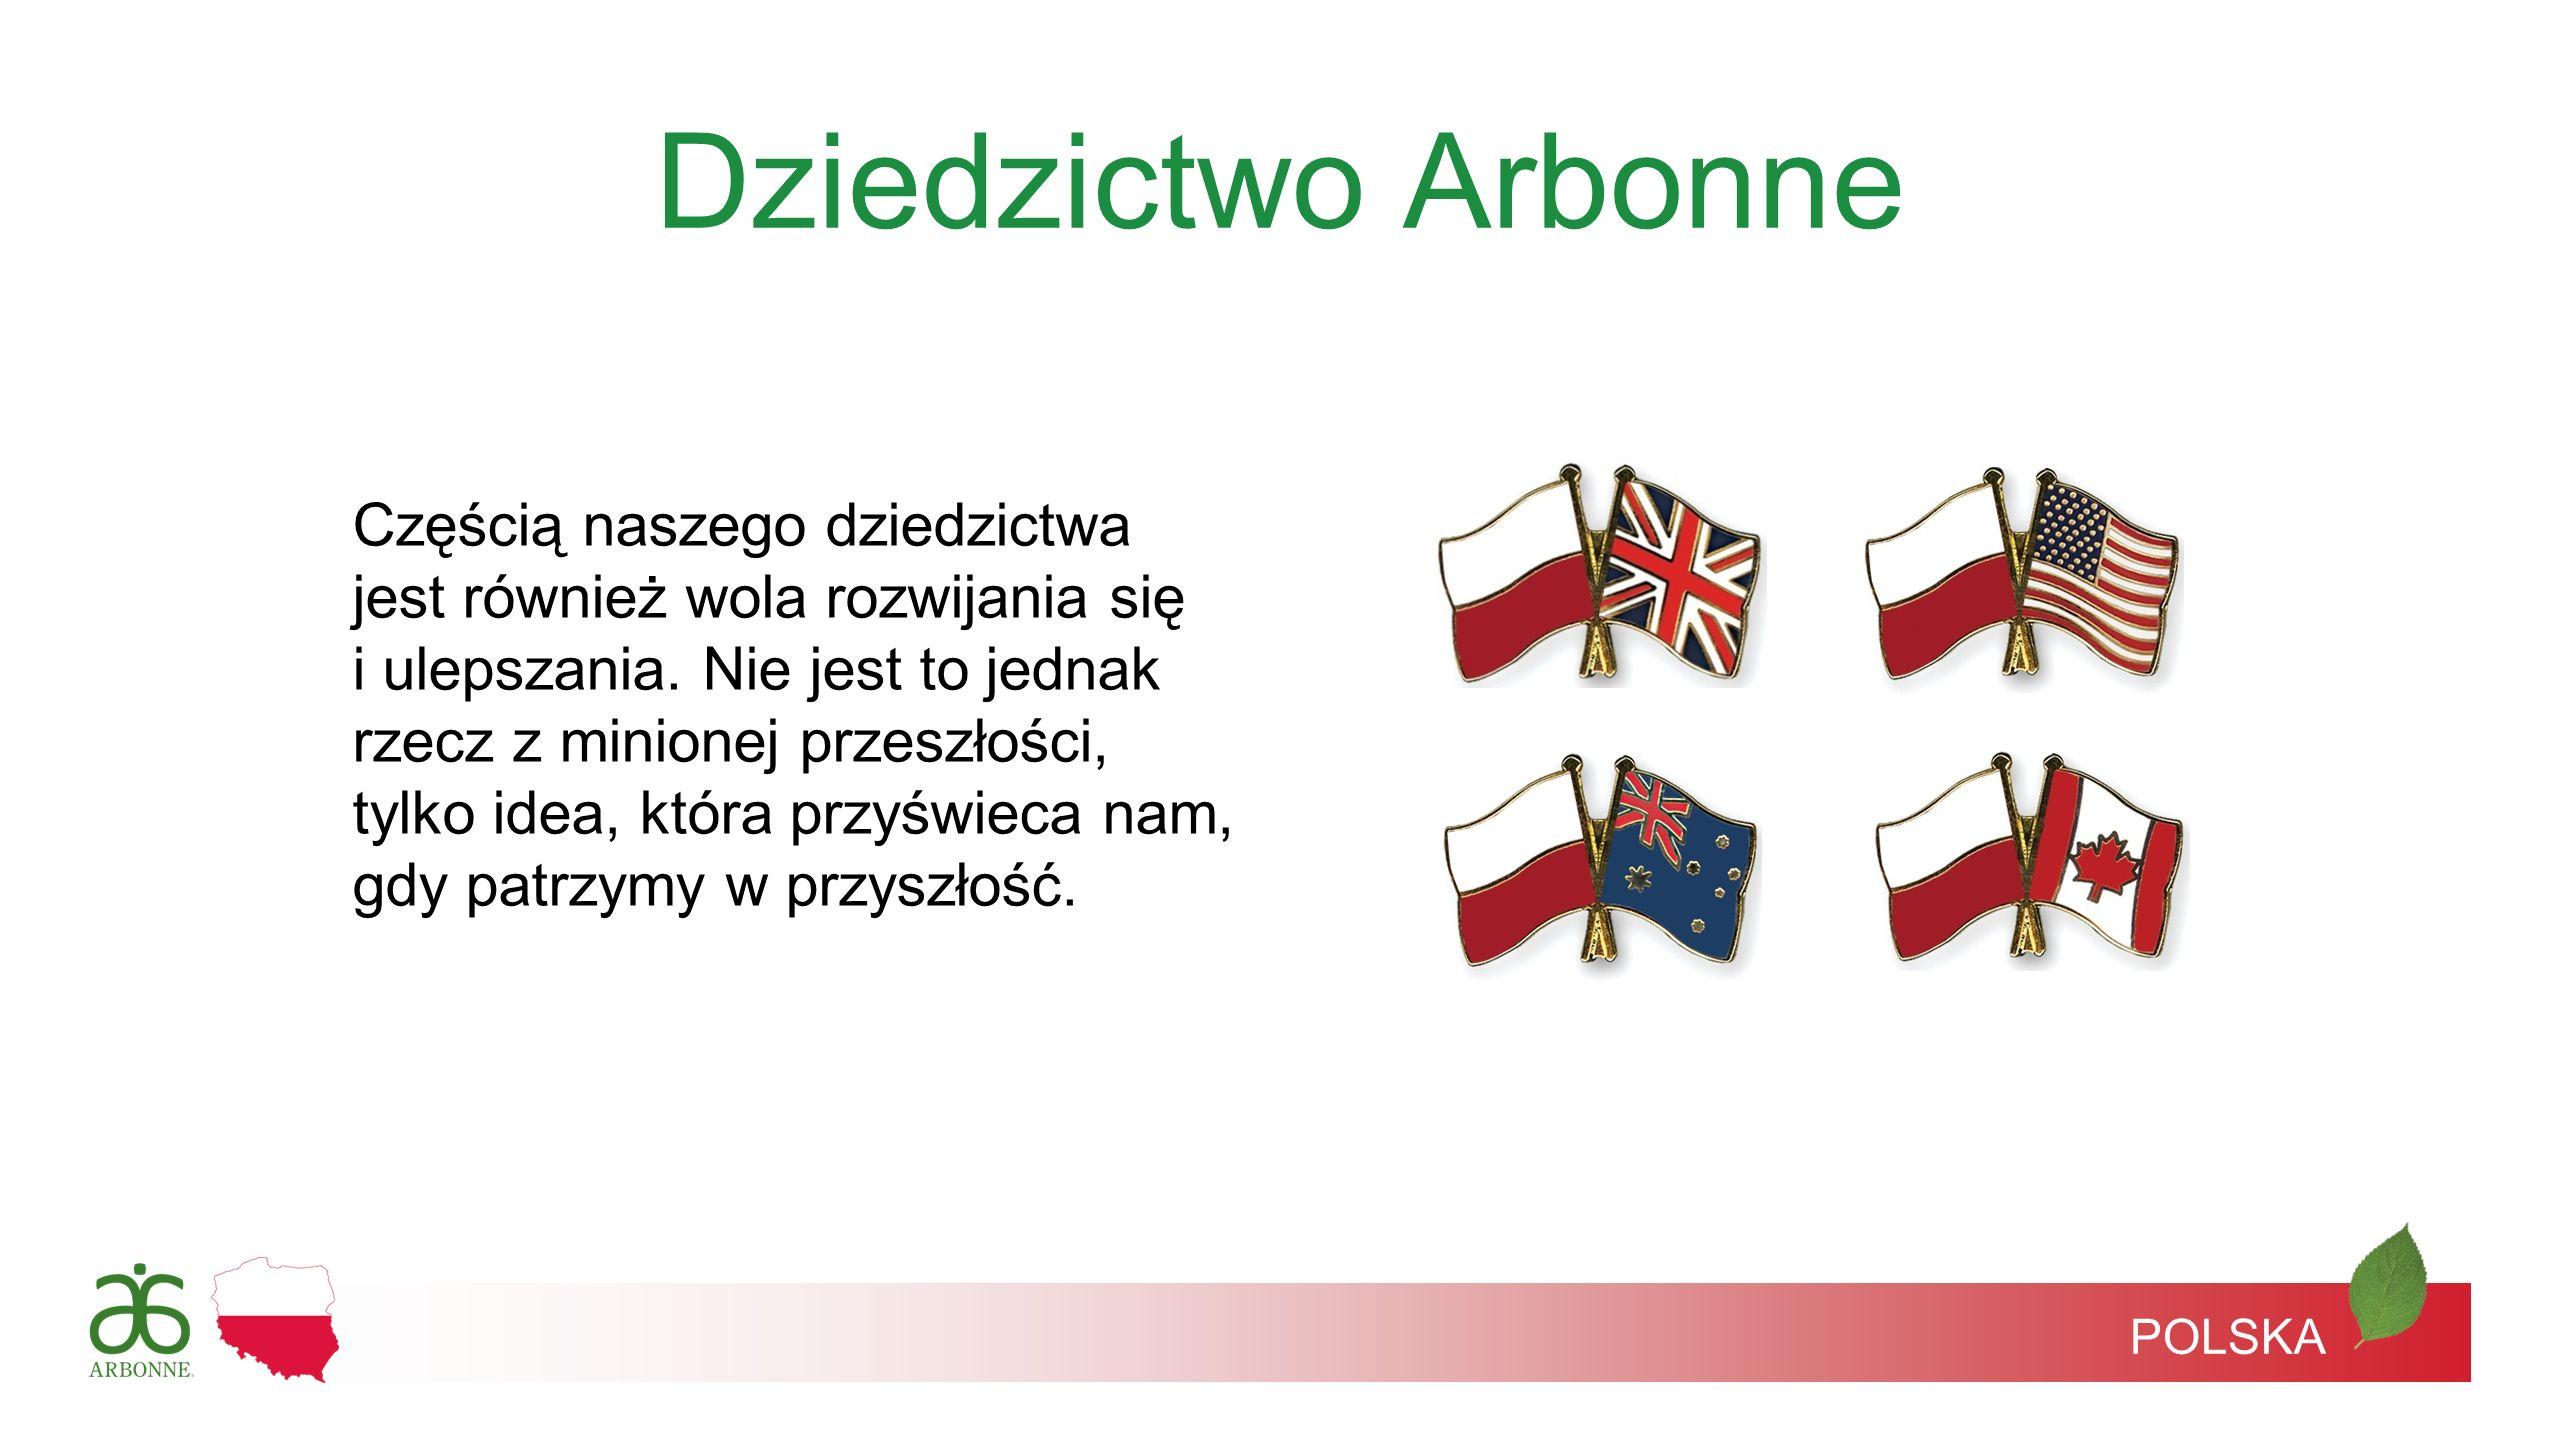 Historia firmy Arbonne 1975: Petter MØrck założył firmę Arbonne w Szwajcarii 1983: Firma Arbonne inauguruje program Dodatek Pieniężny Mercedes-Benz 1980: Firma Arbonne wprowadza na rynek amerykański 19 produktów do pielęgnacji skóry POLSKA